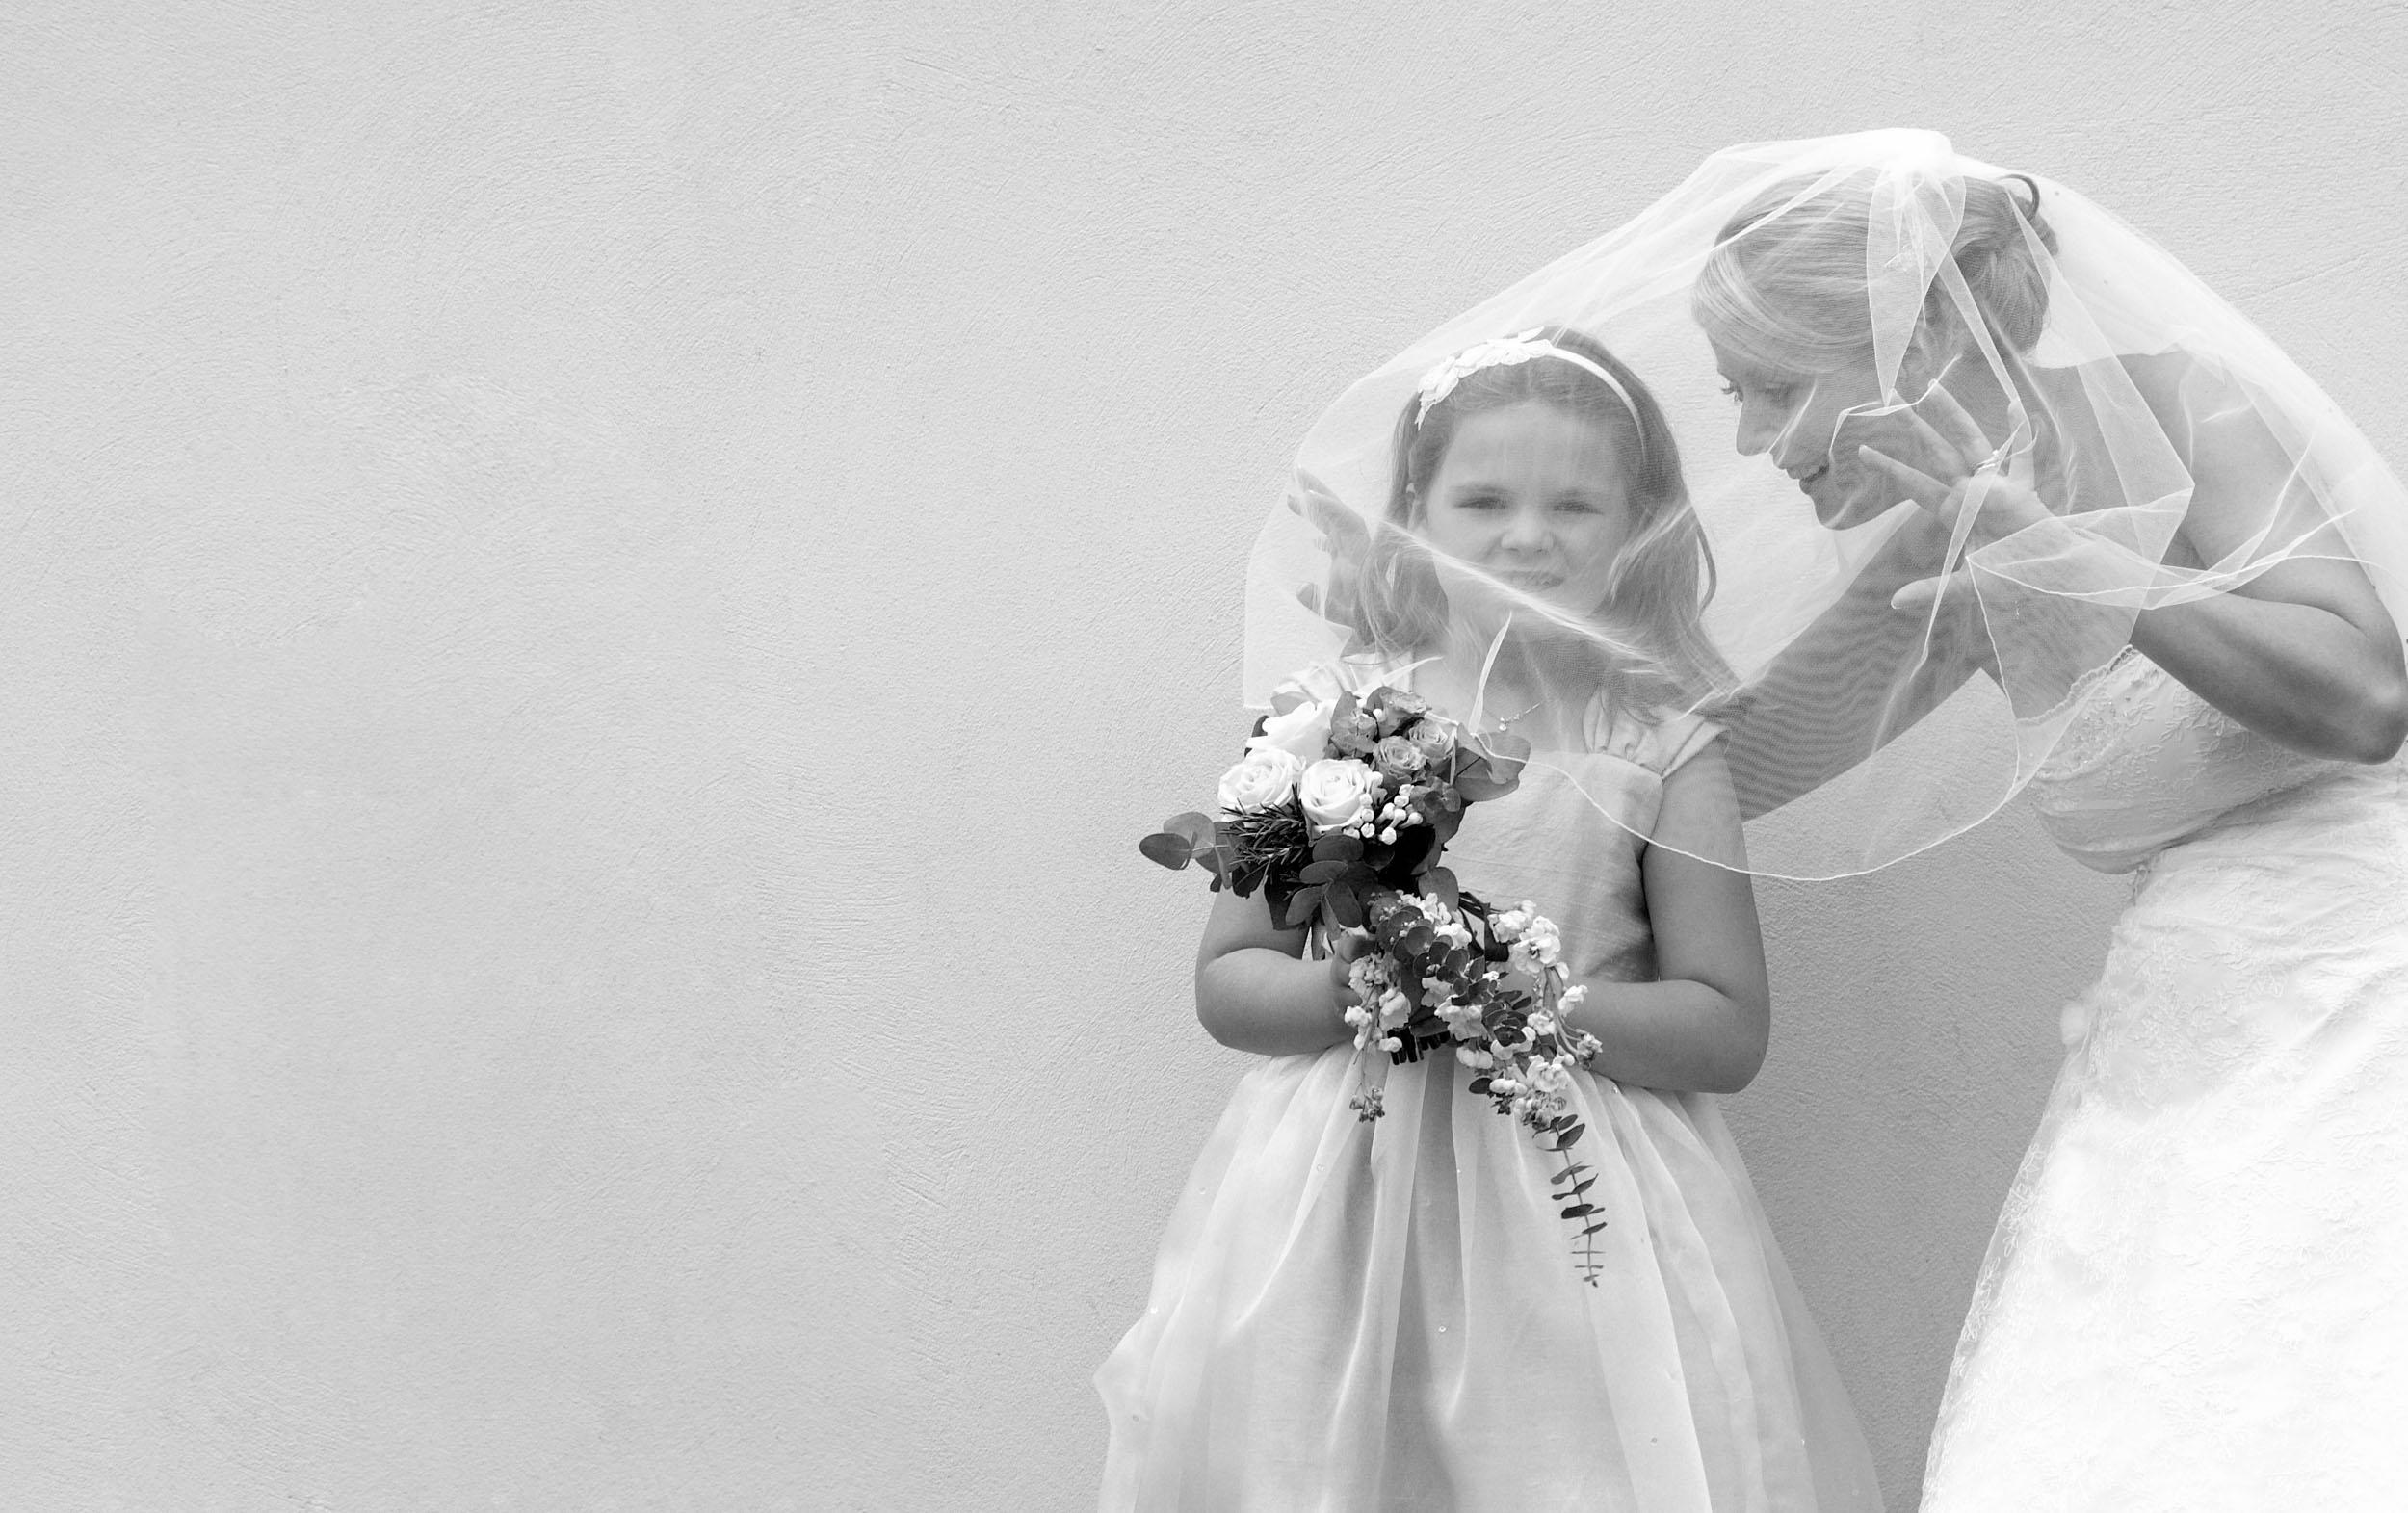 bride-bridesmaid-1.jpg